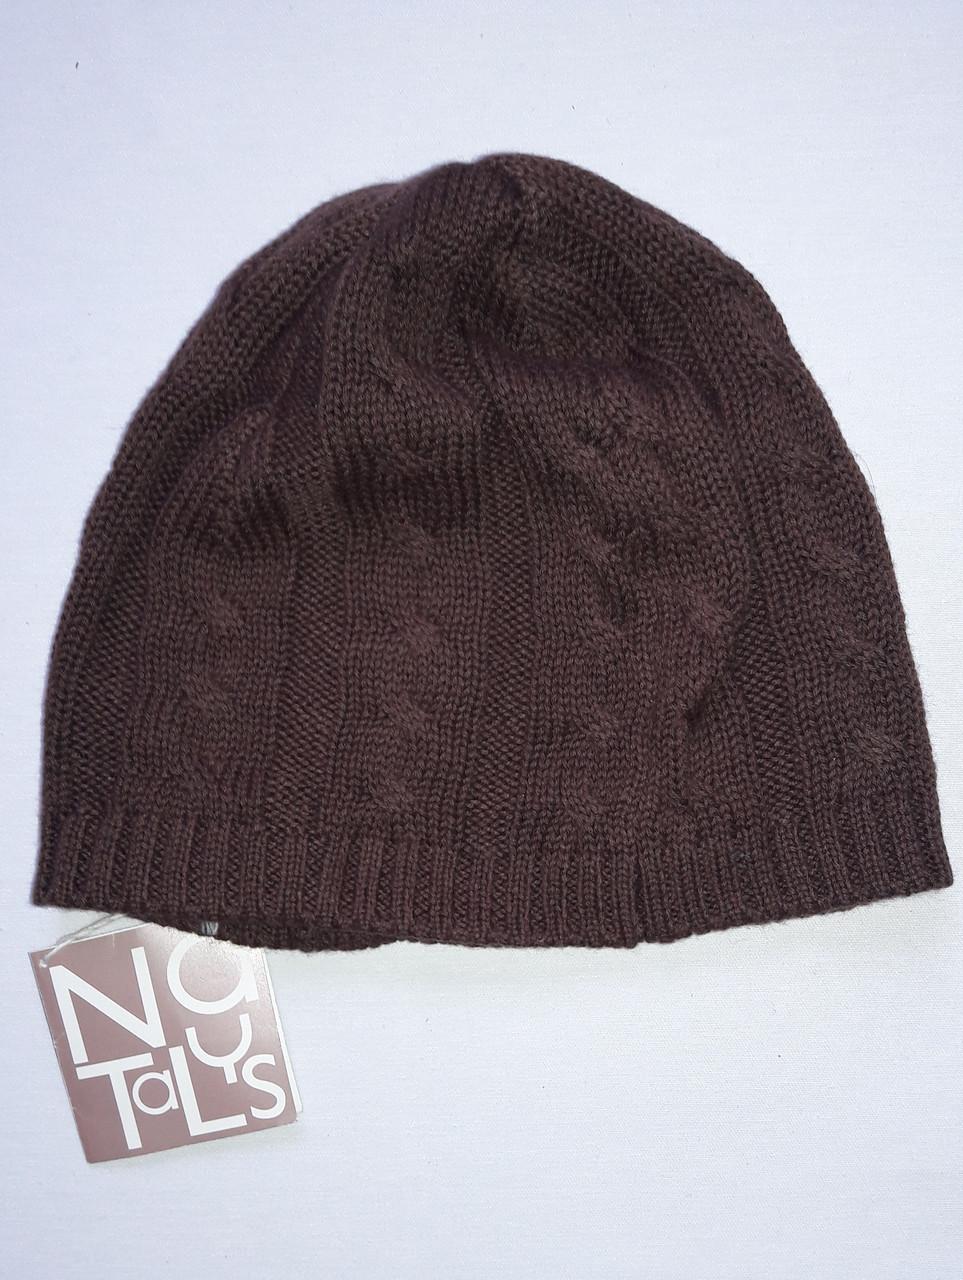 Детская шапочка Natalys коричневая